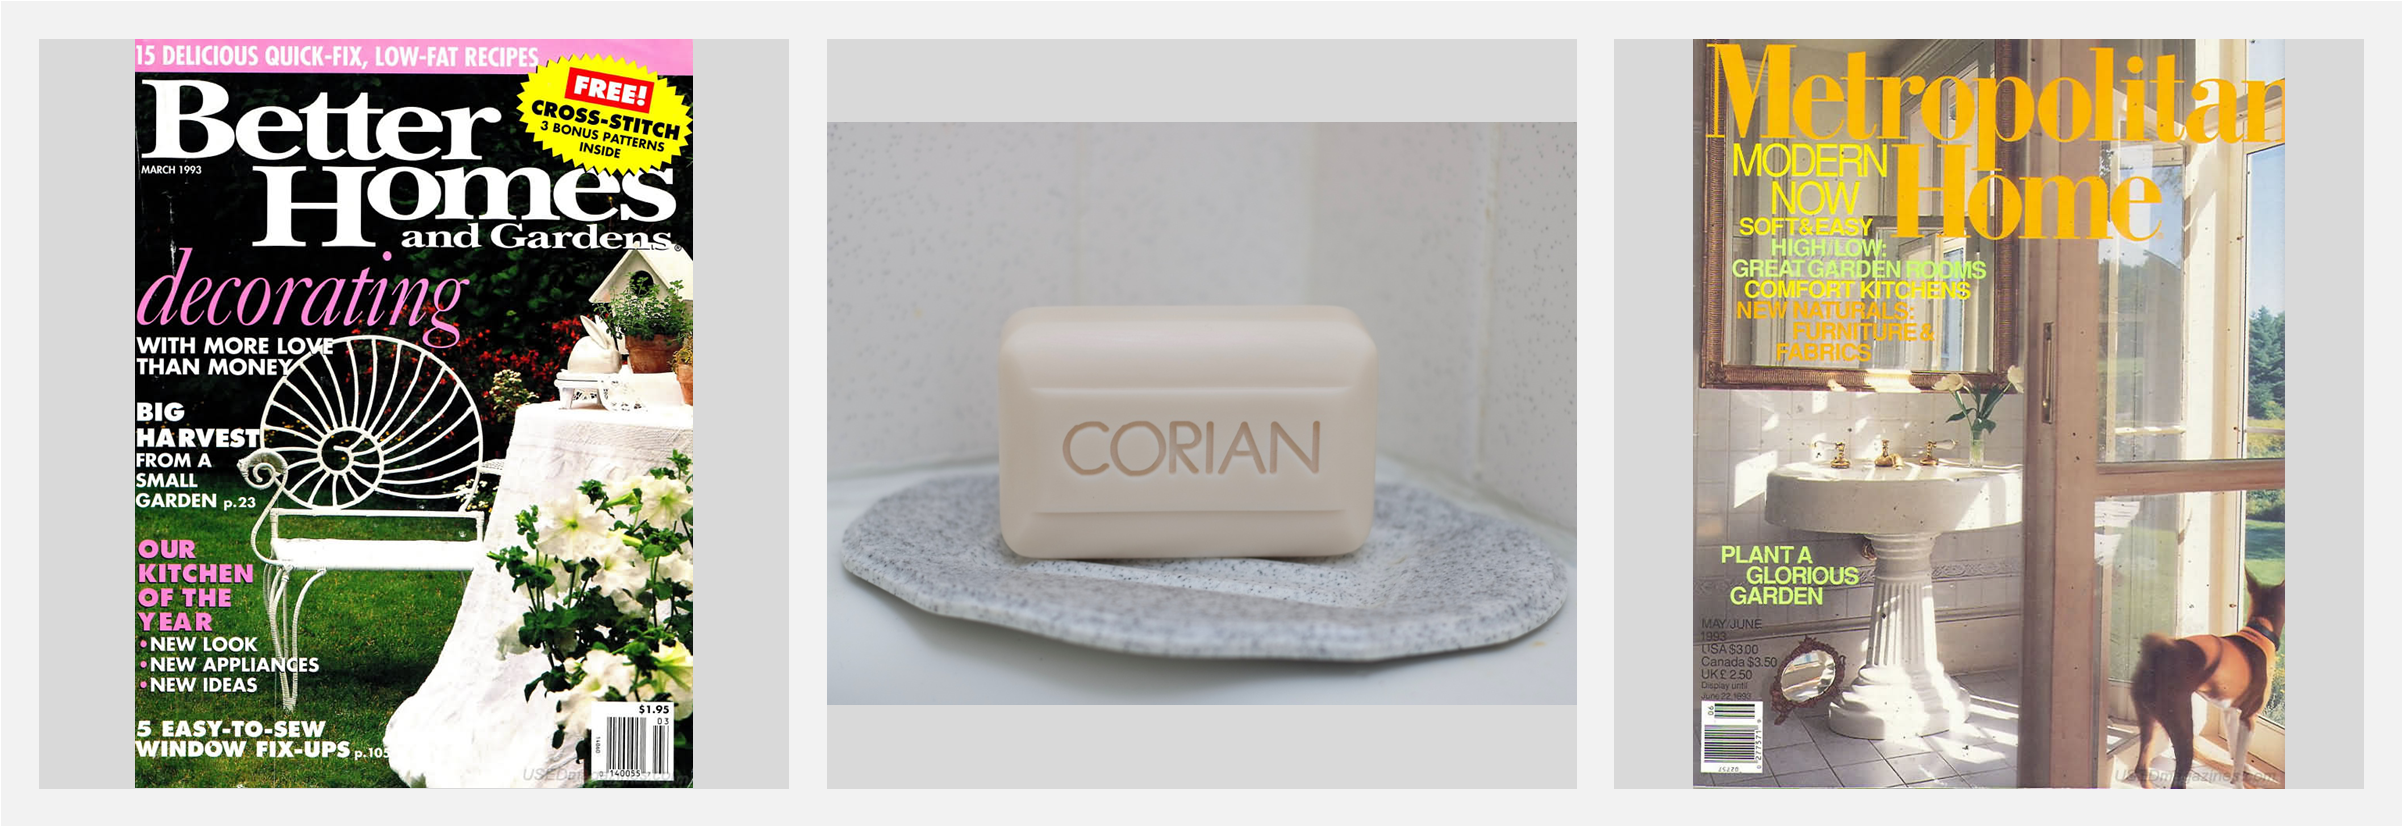 DuPont Corian